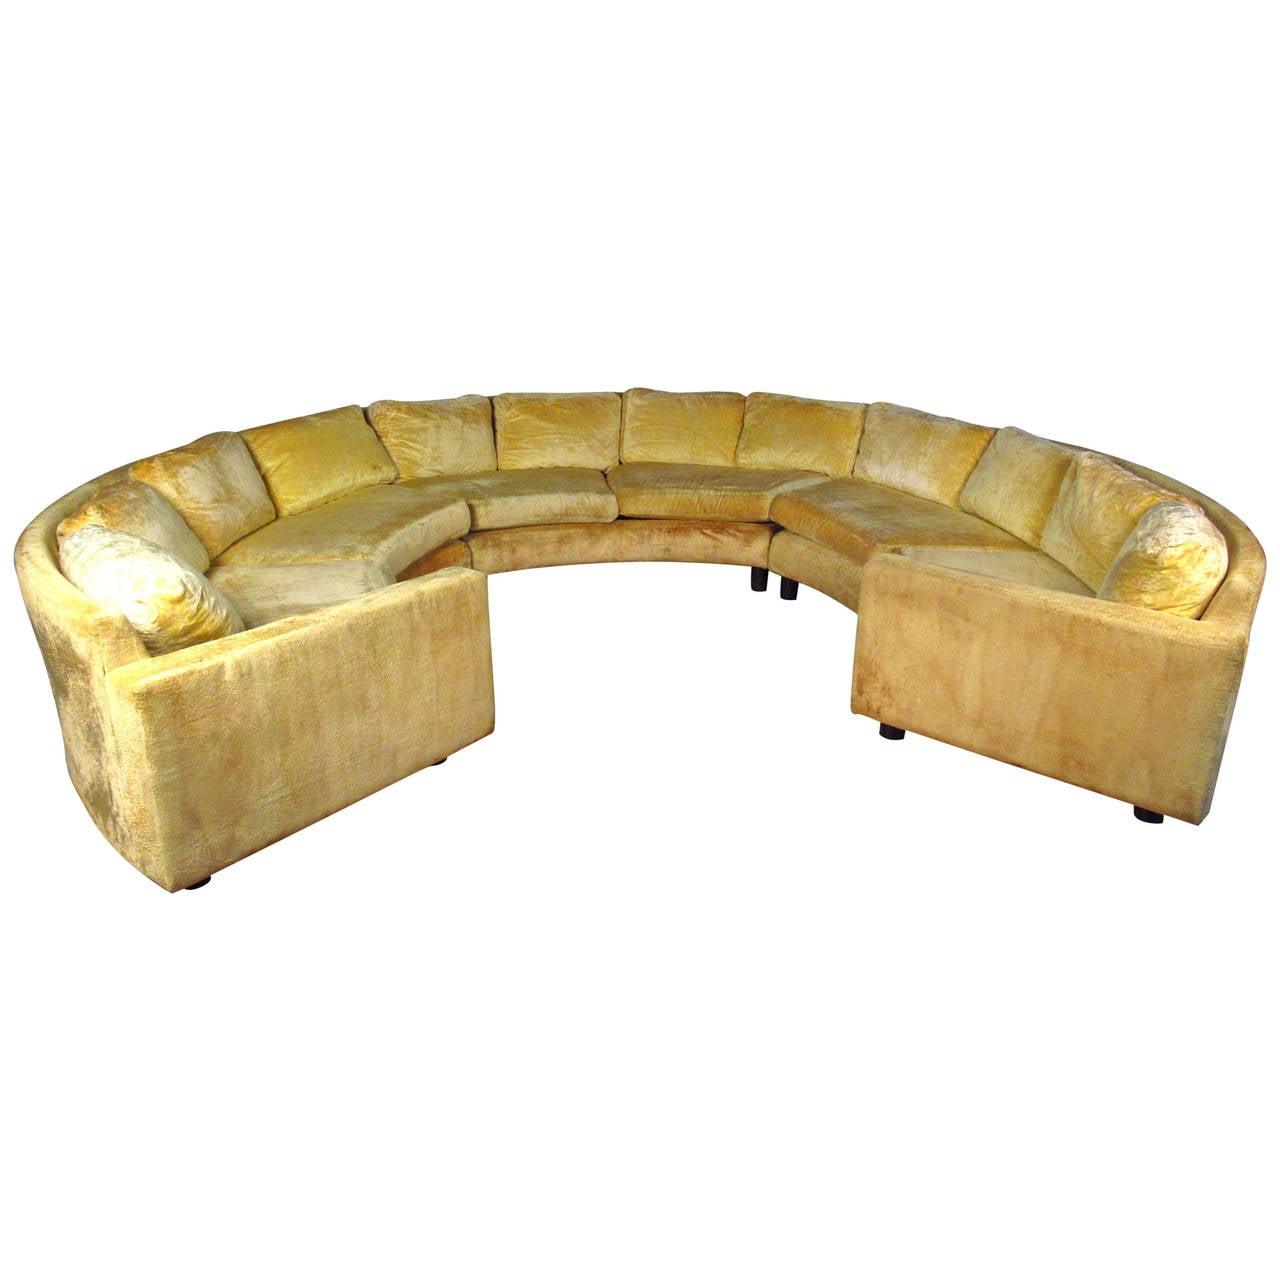 Milo Baughman Sectional Sofa At 1stdibs